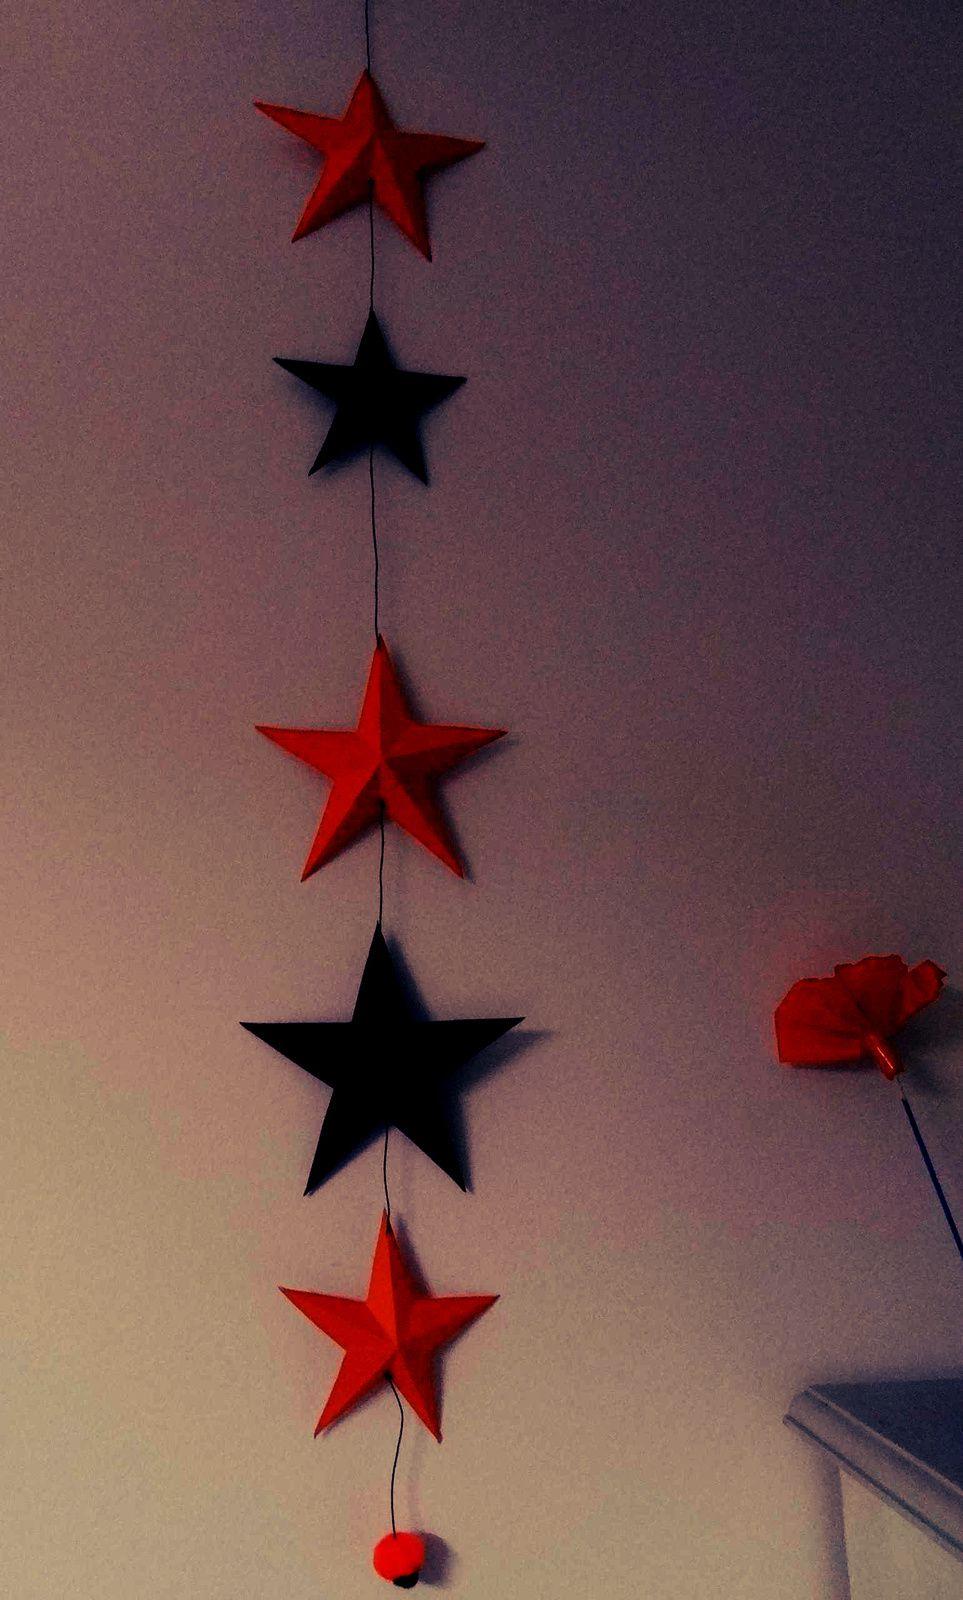 une guirlande d'étoiles en relief